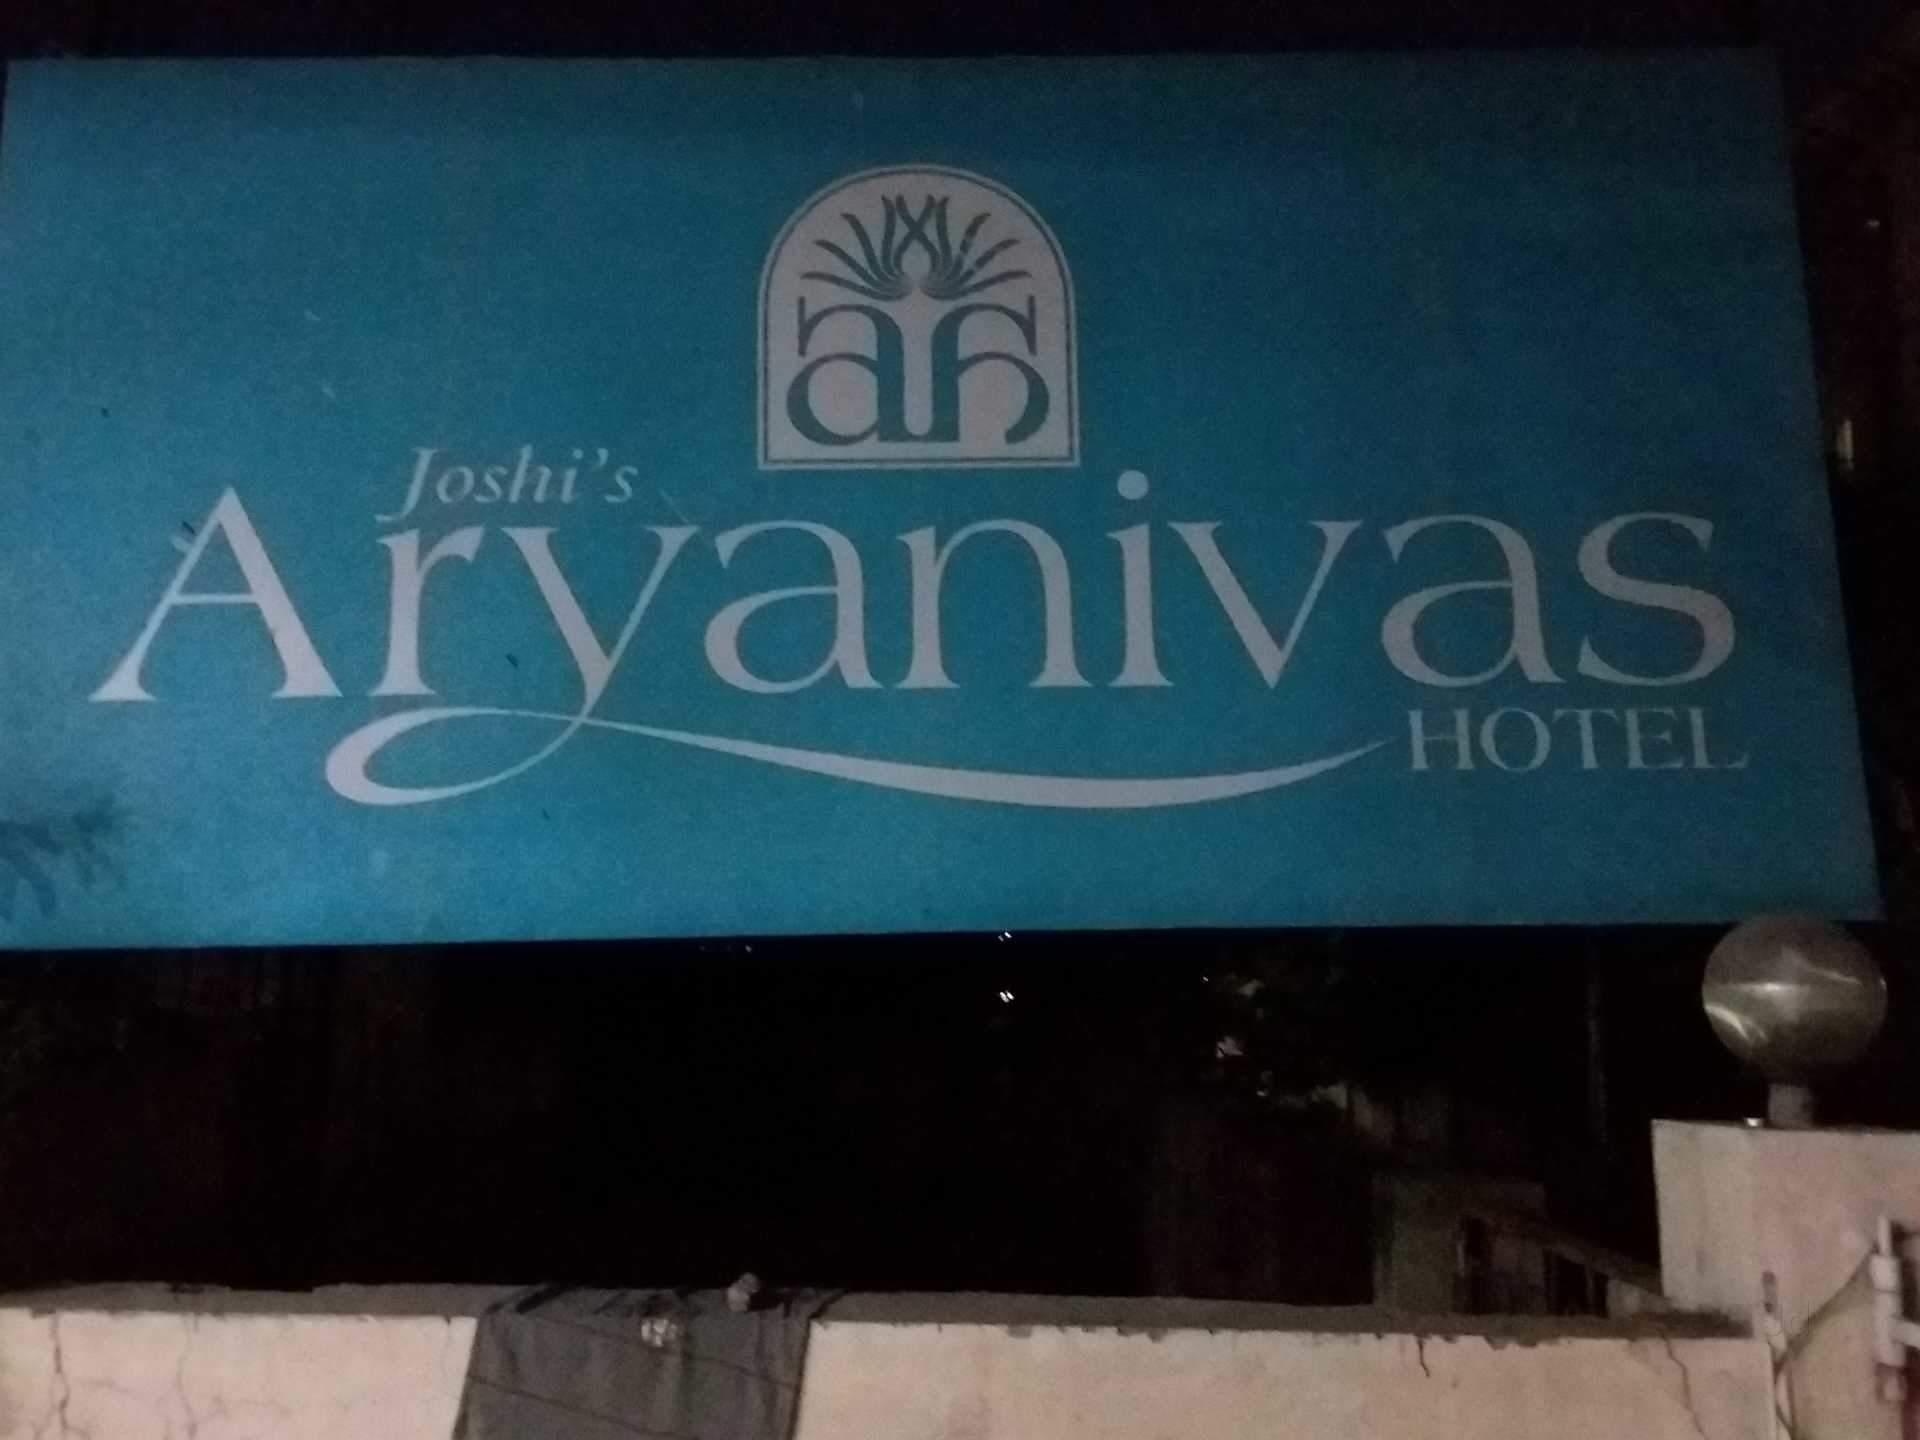 Hotel Aryanivas - Samarth Nagar - Aurangabad Image